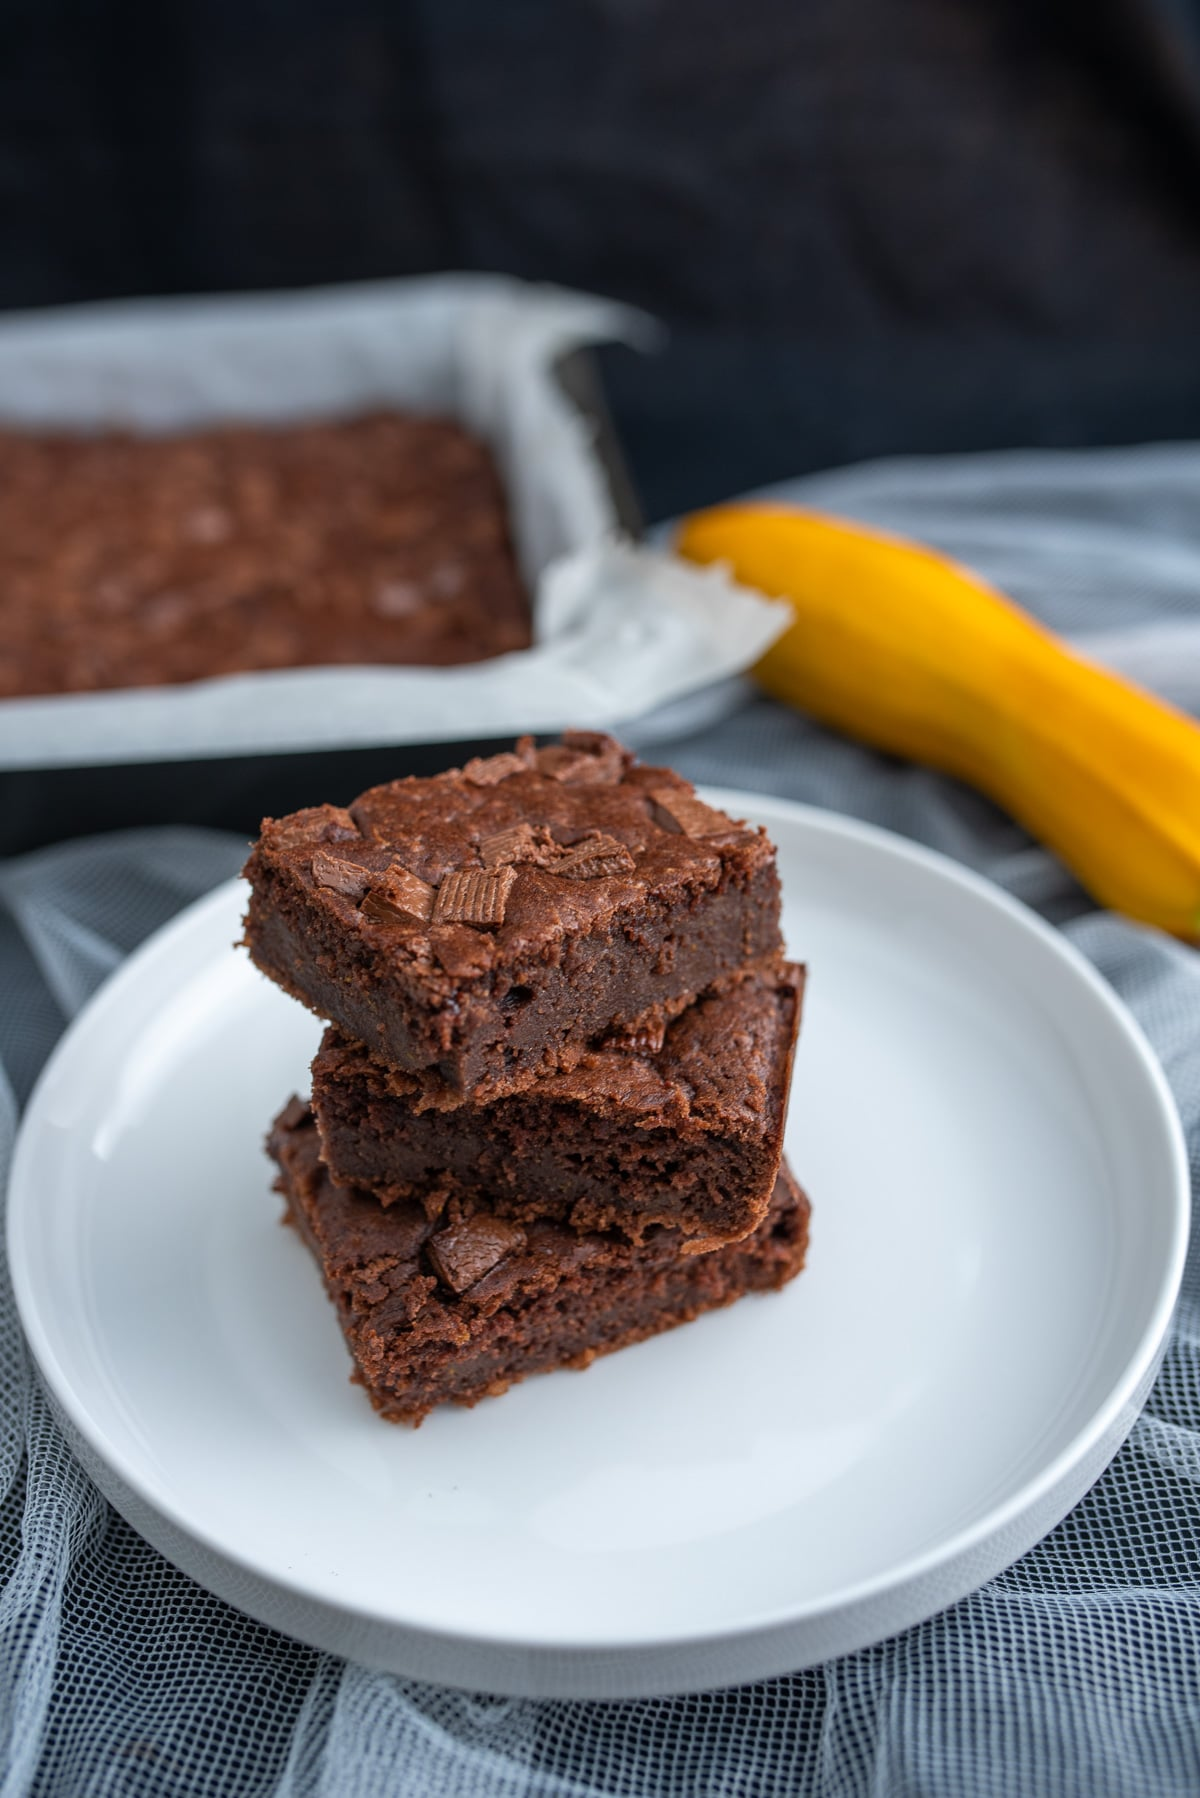 Apetyczne kwadraty brownie z kawałkami czekolady na wierzchu na białym talerzu w tle żółta cukinia